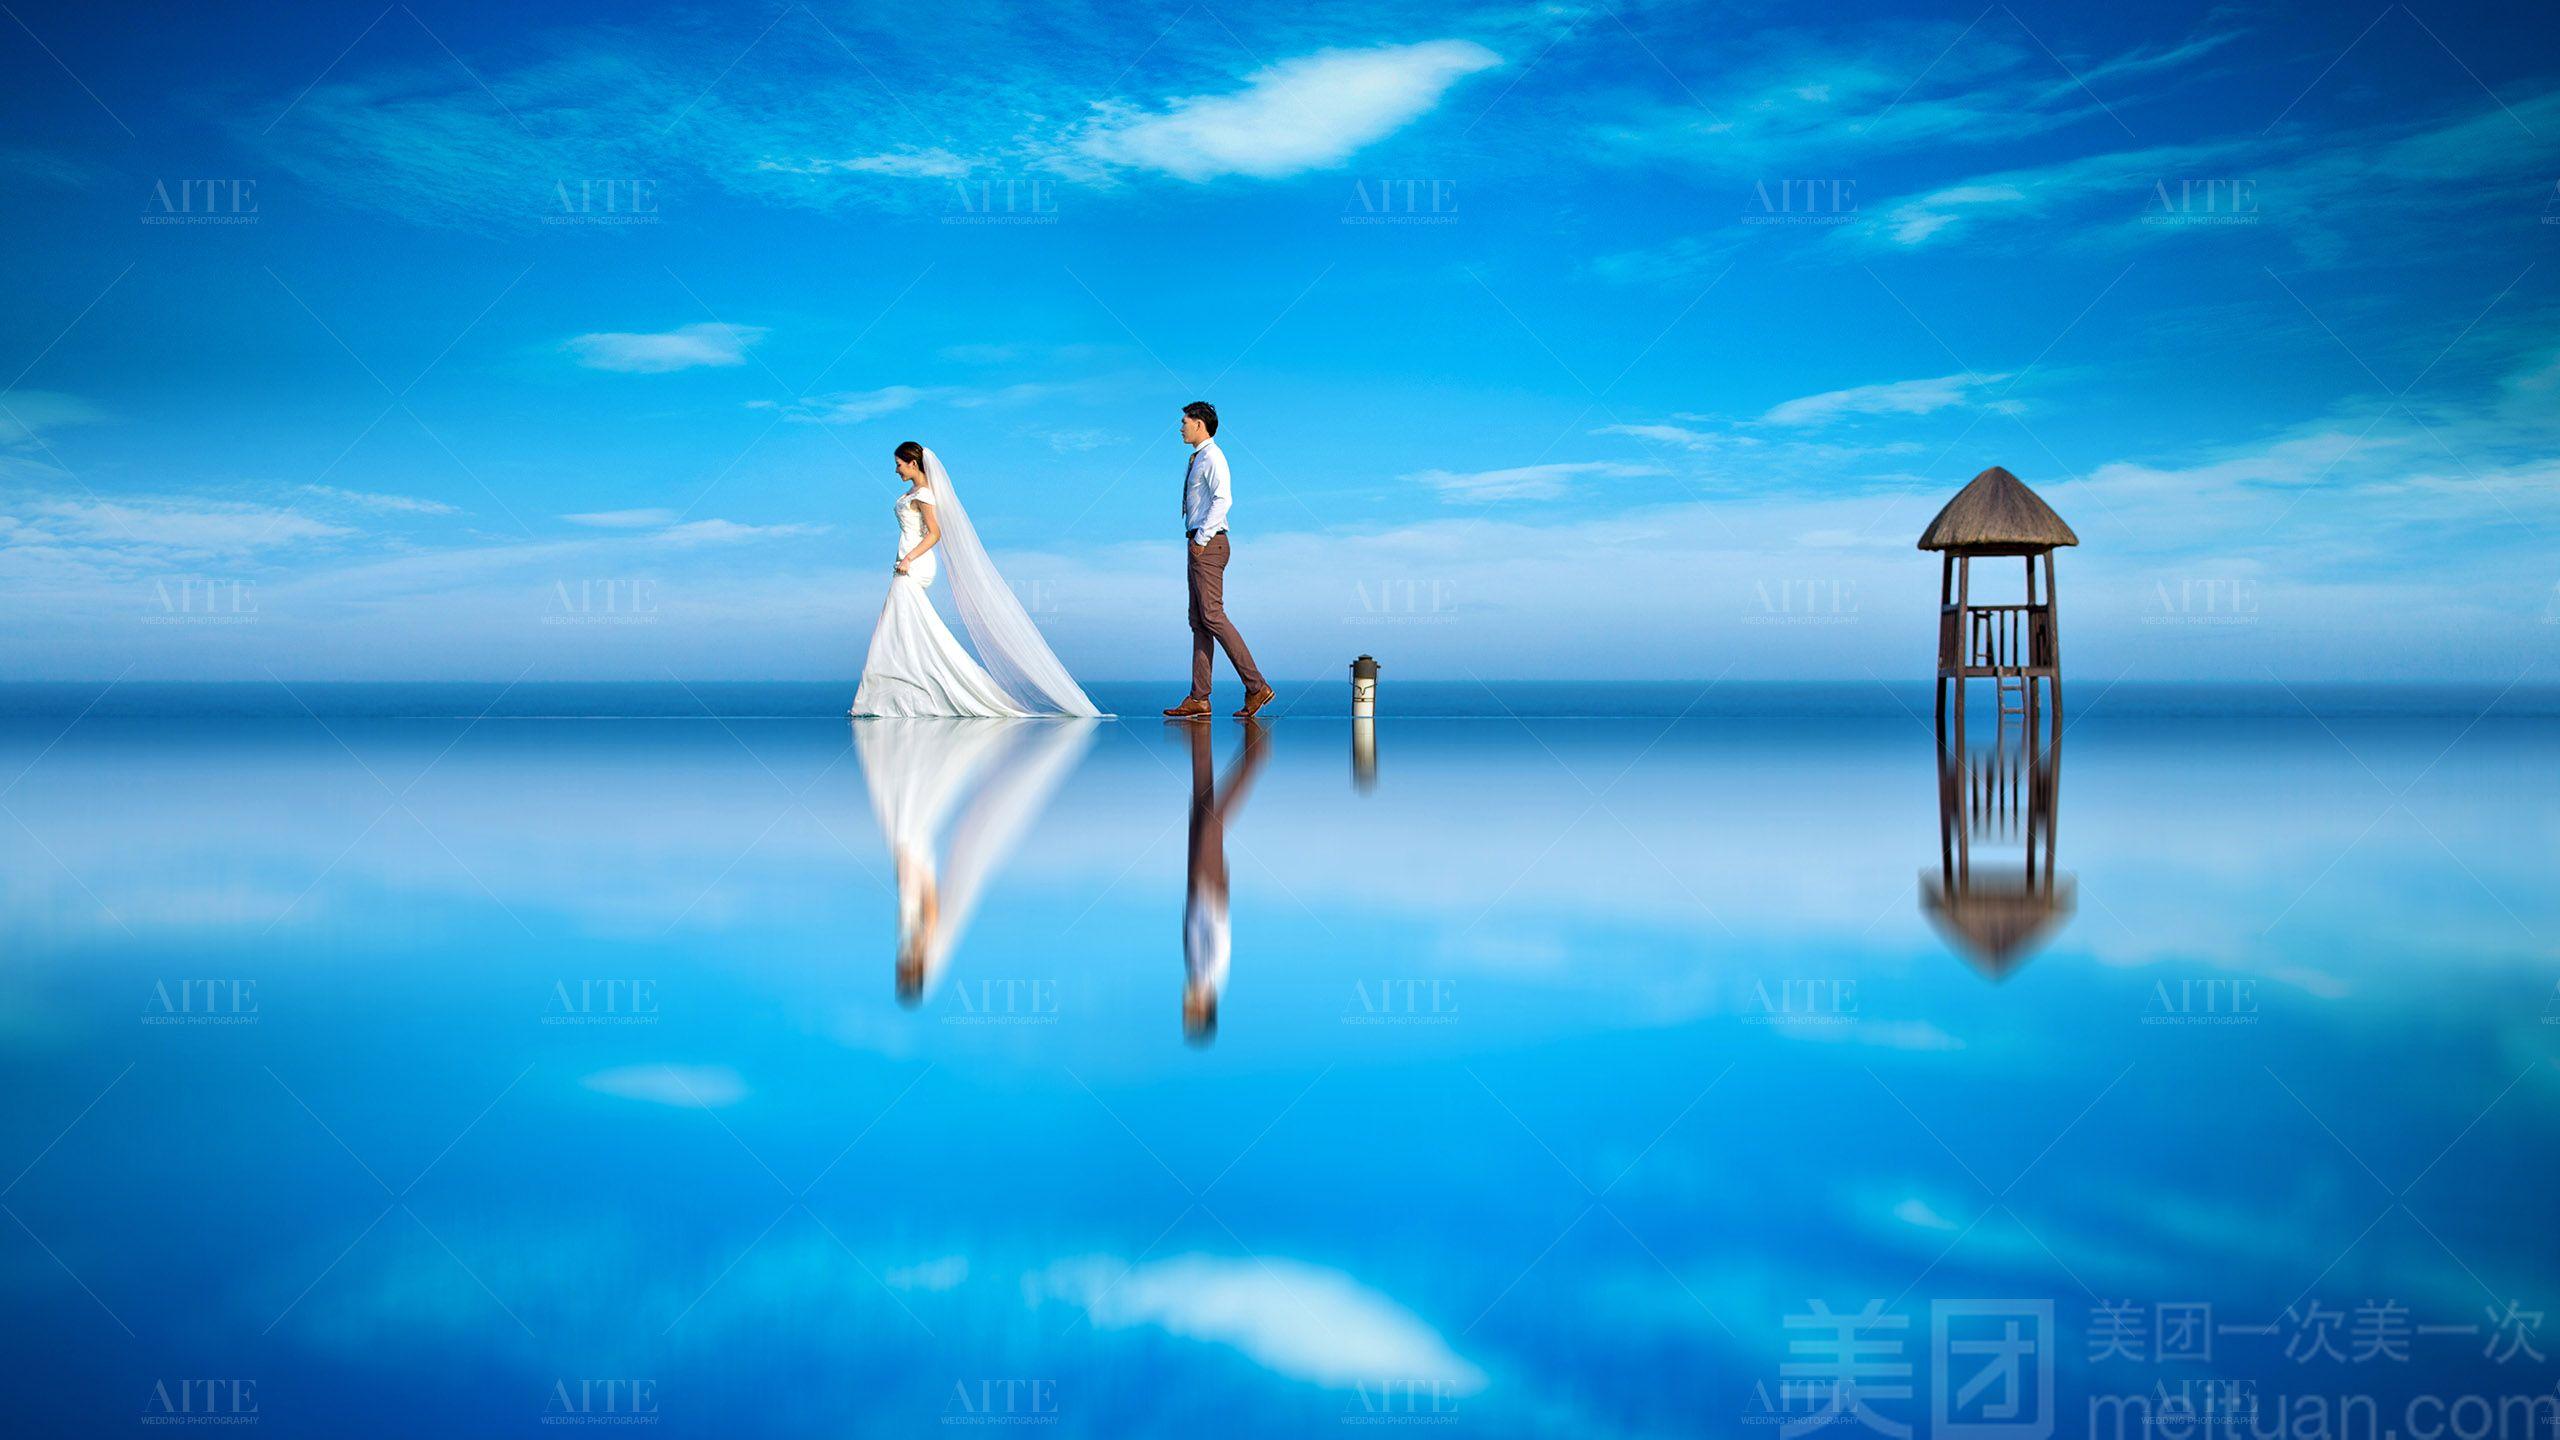 :长沙今日团购:【艾特婚纱摄影】全球旅拍-长沙+三亚(双城拍)